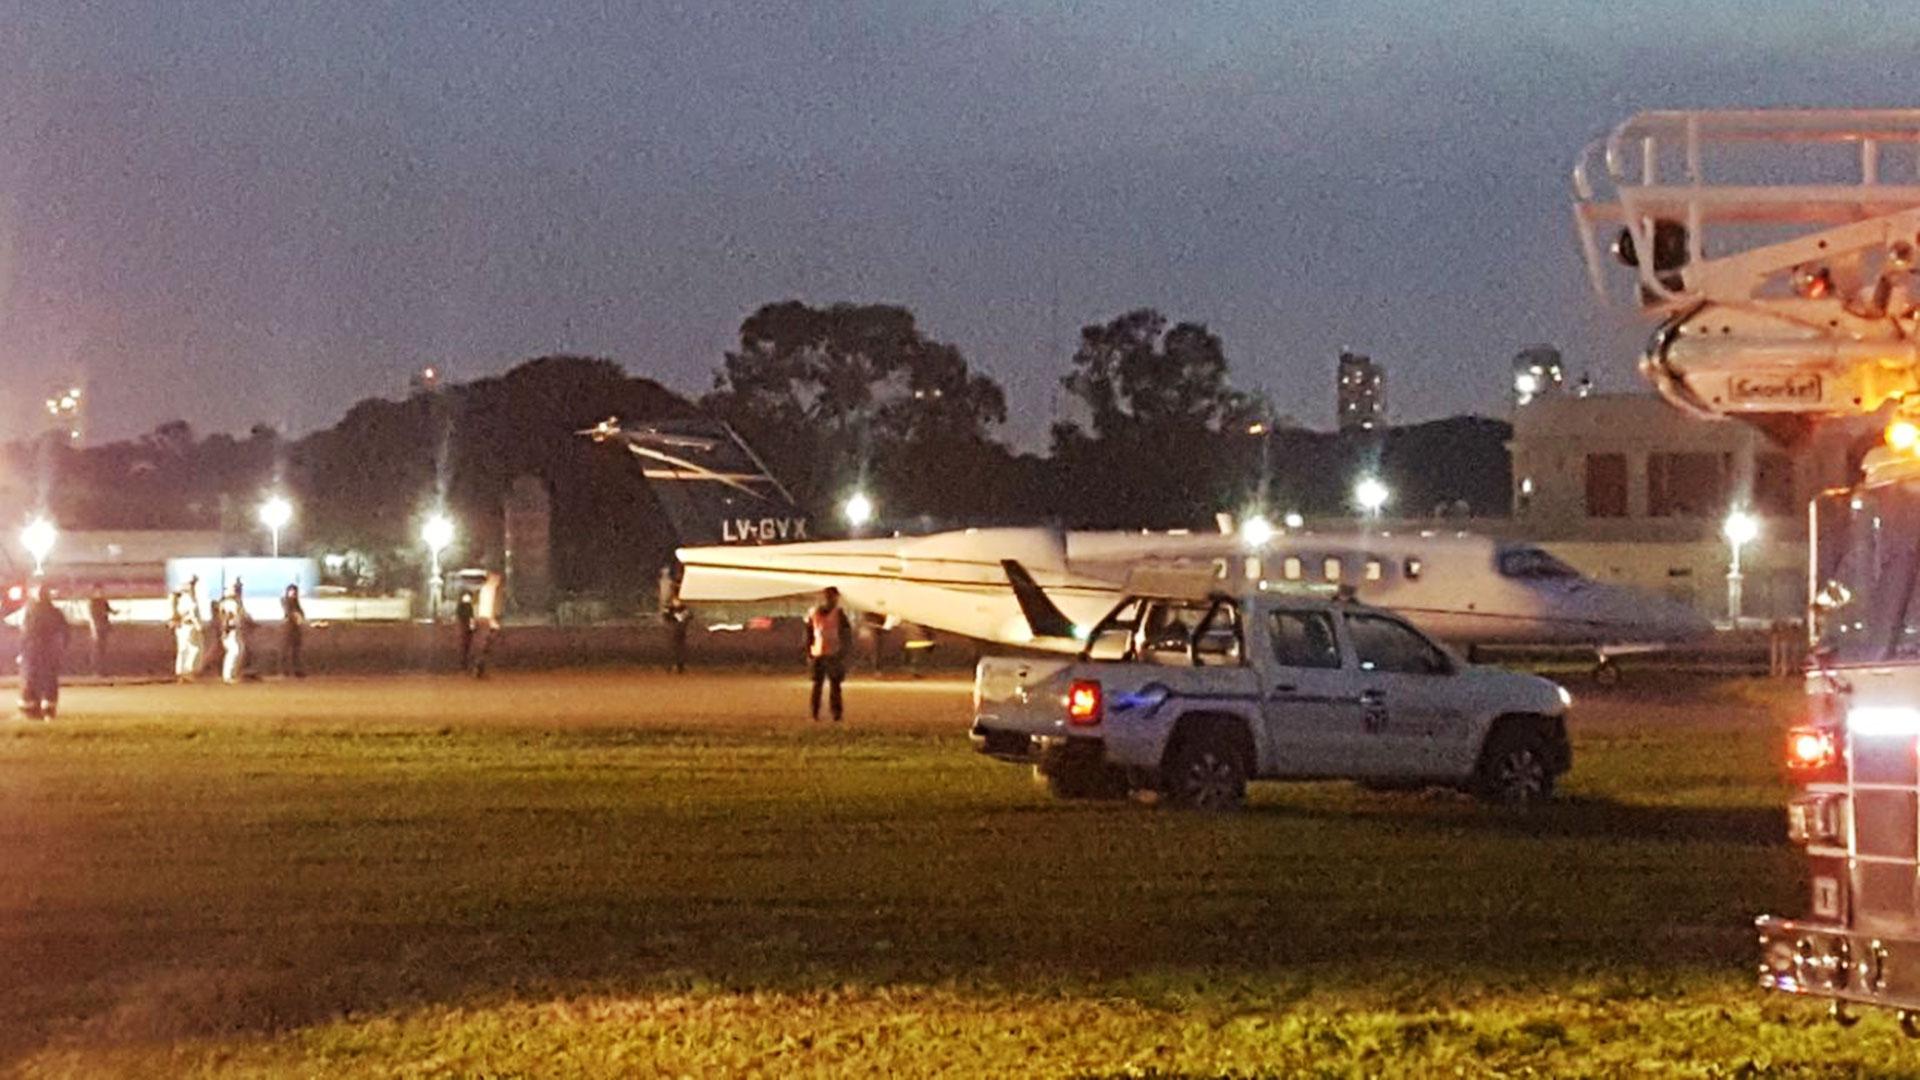 Un Learjet privado despistó hoy en Aeroparque, lo que forzó el cierre del aeropuerto porteño durante unas horas. Todas las operaciones fueron canceladas y los vuelos, desviados al Aeropuerto de Ezeiza